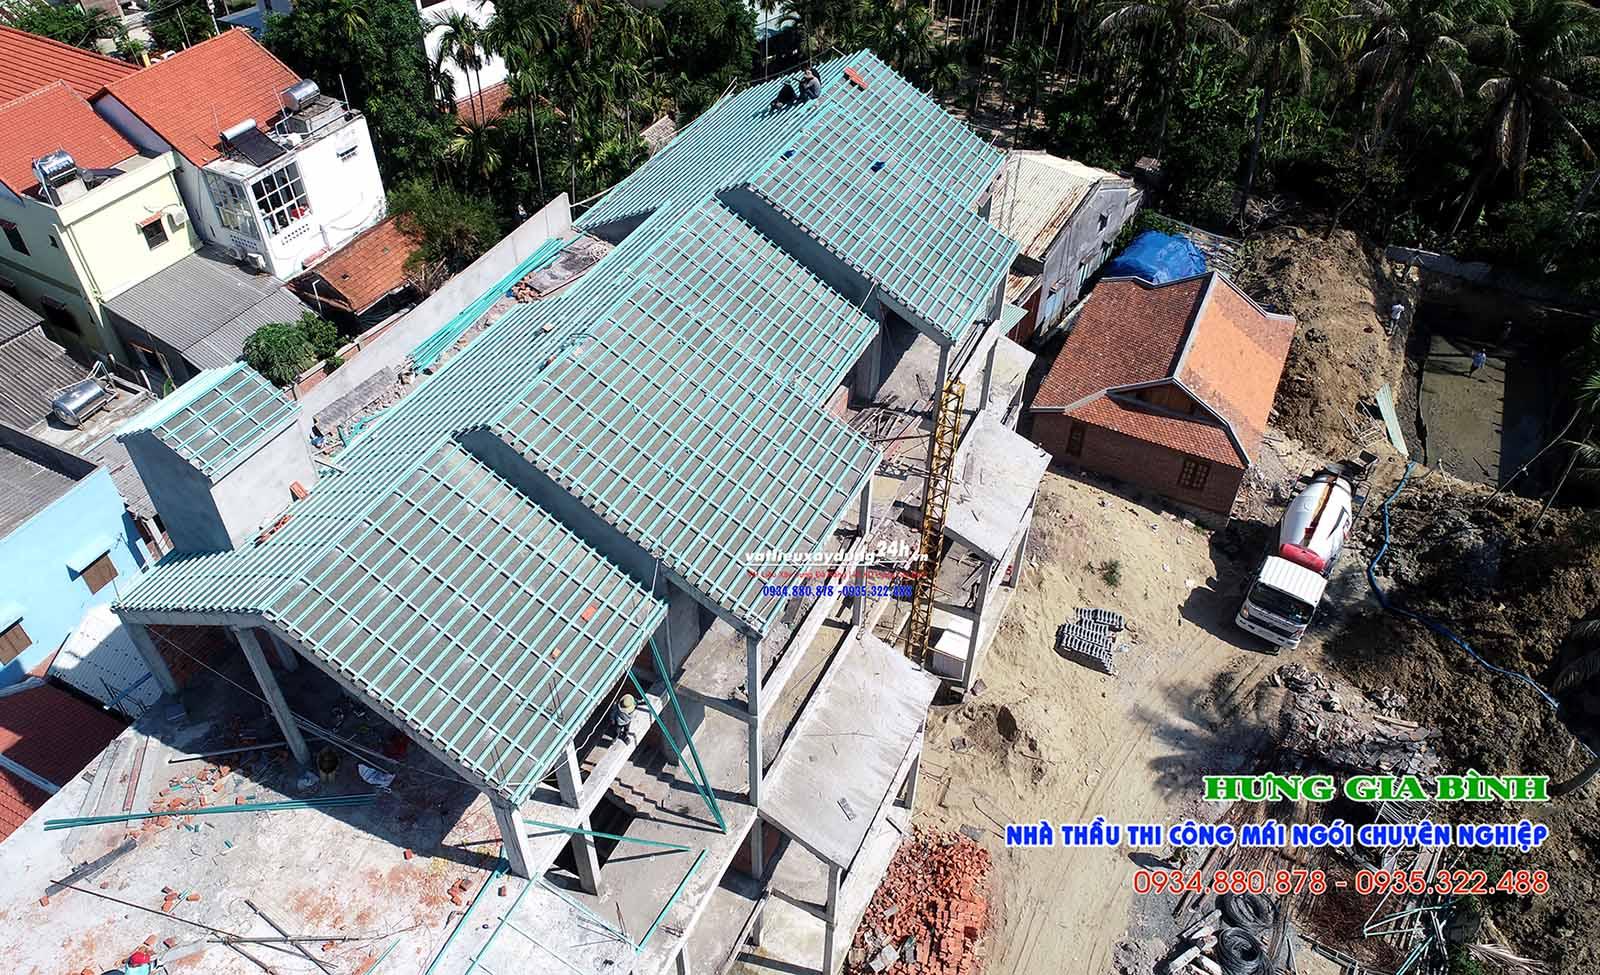 Hưng Gia Bình - Nhà thầu thi công lợp mái ngói chuyên nghiệp